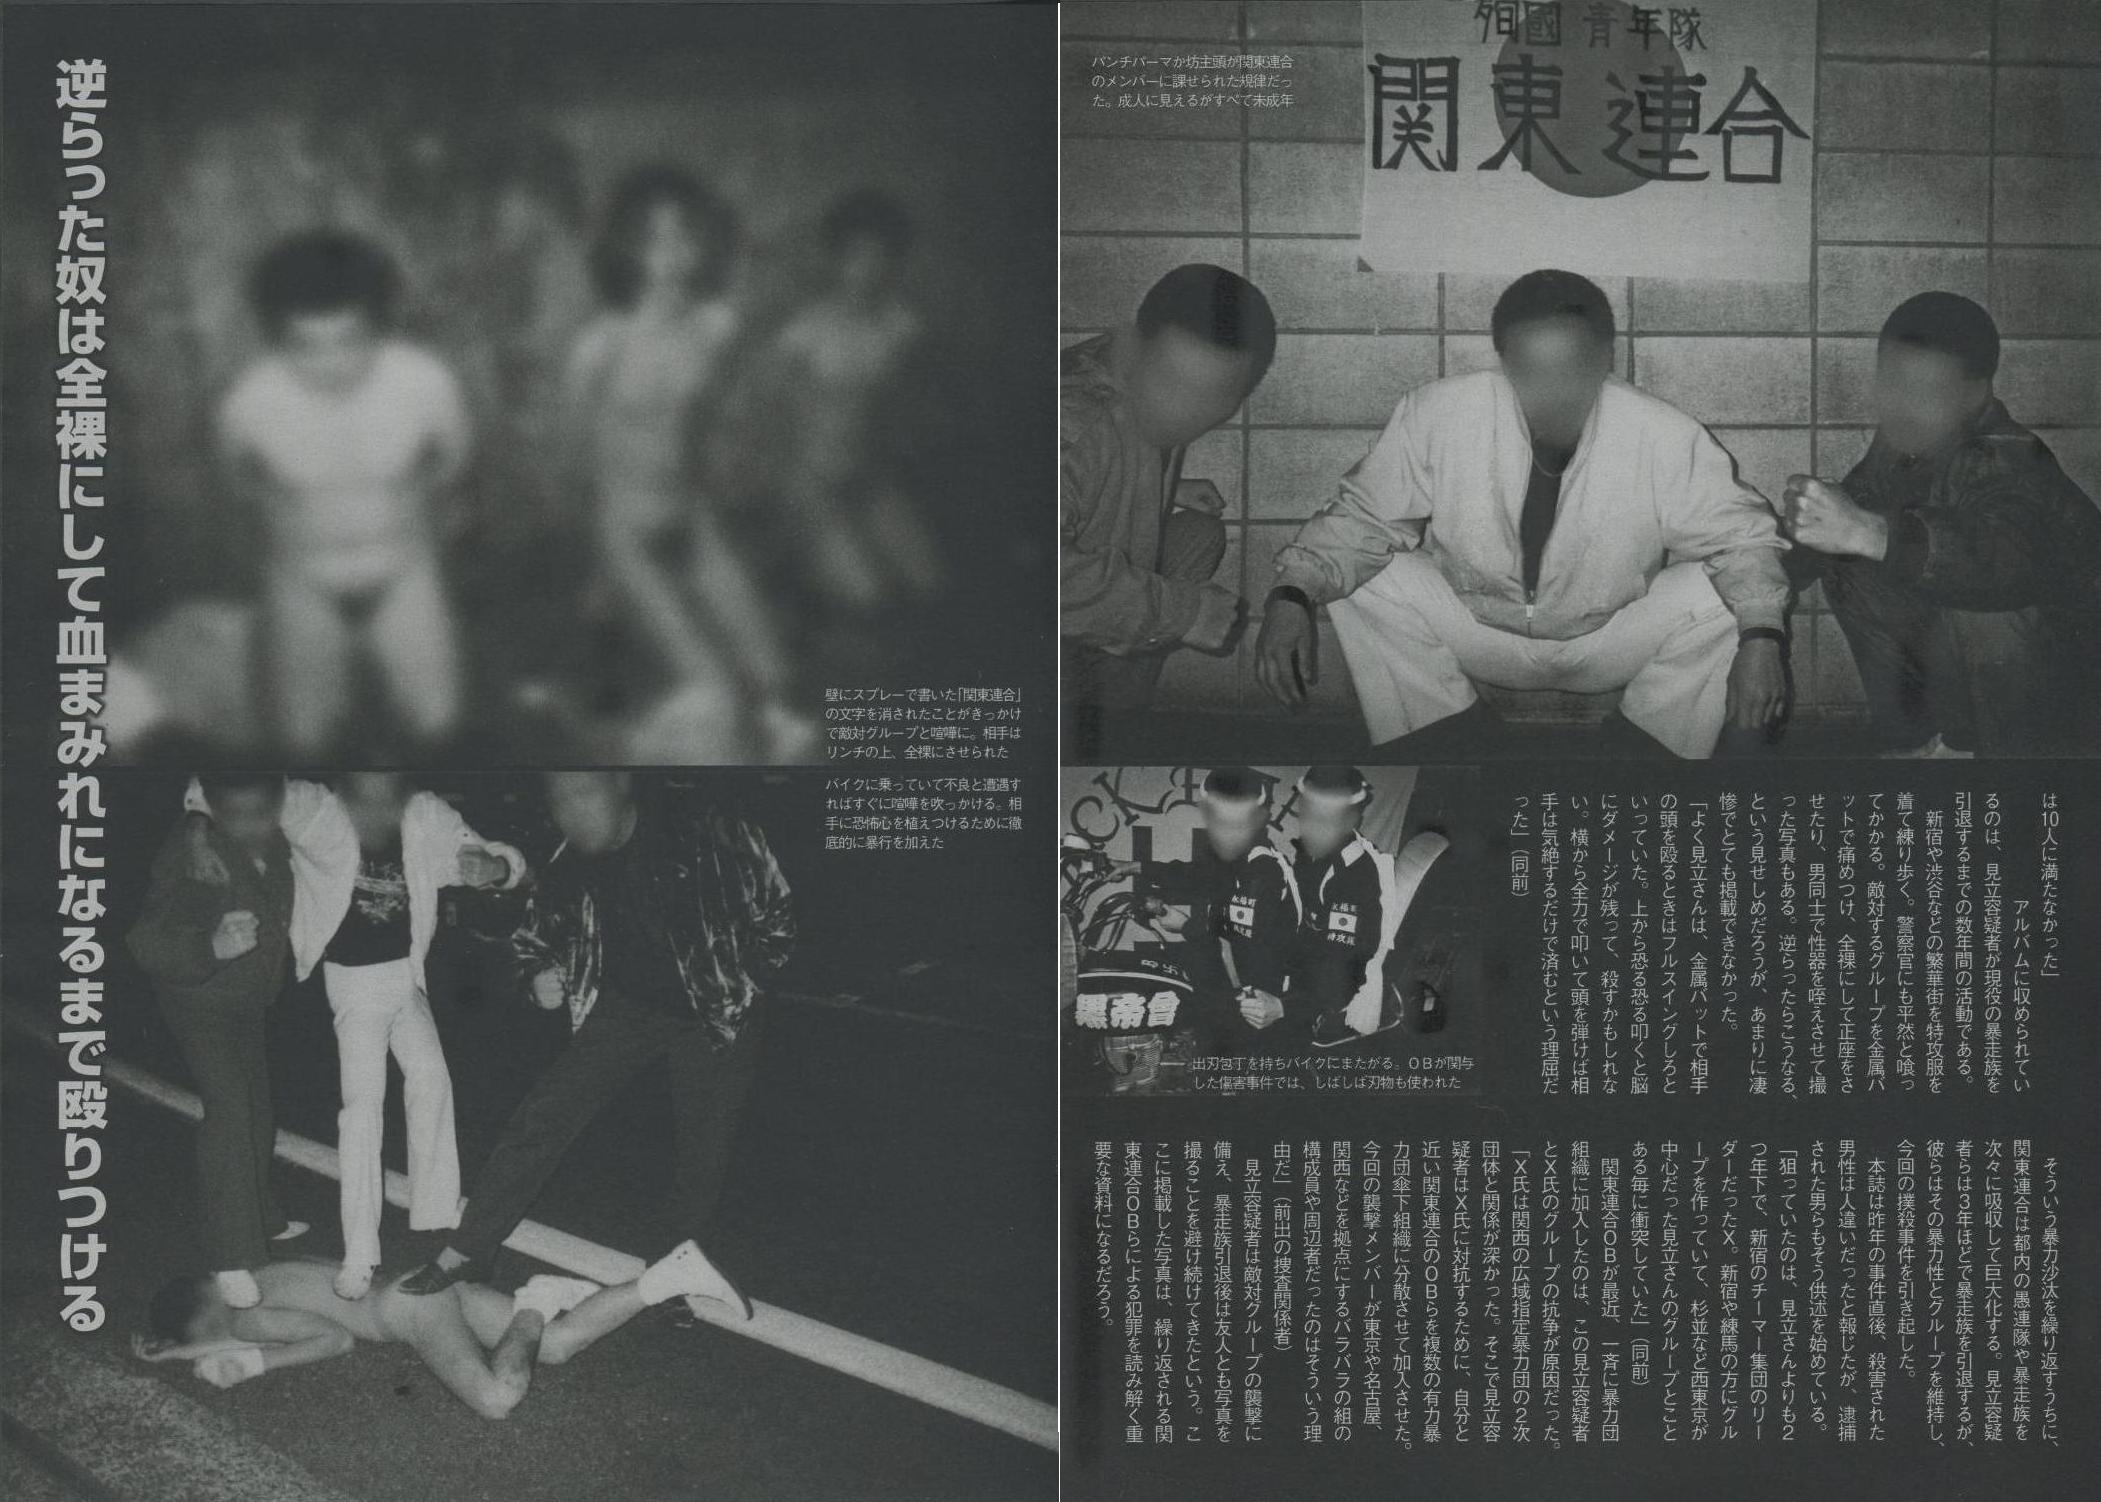 【中京】三代目弘道会【名古屋】 ->画像>73枚